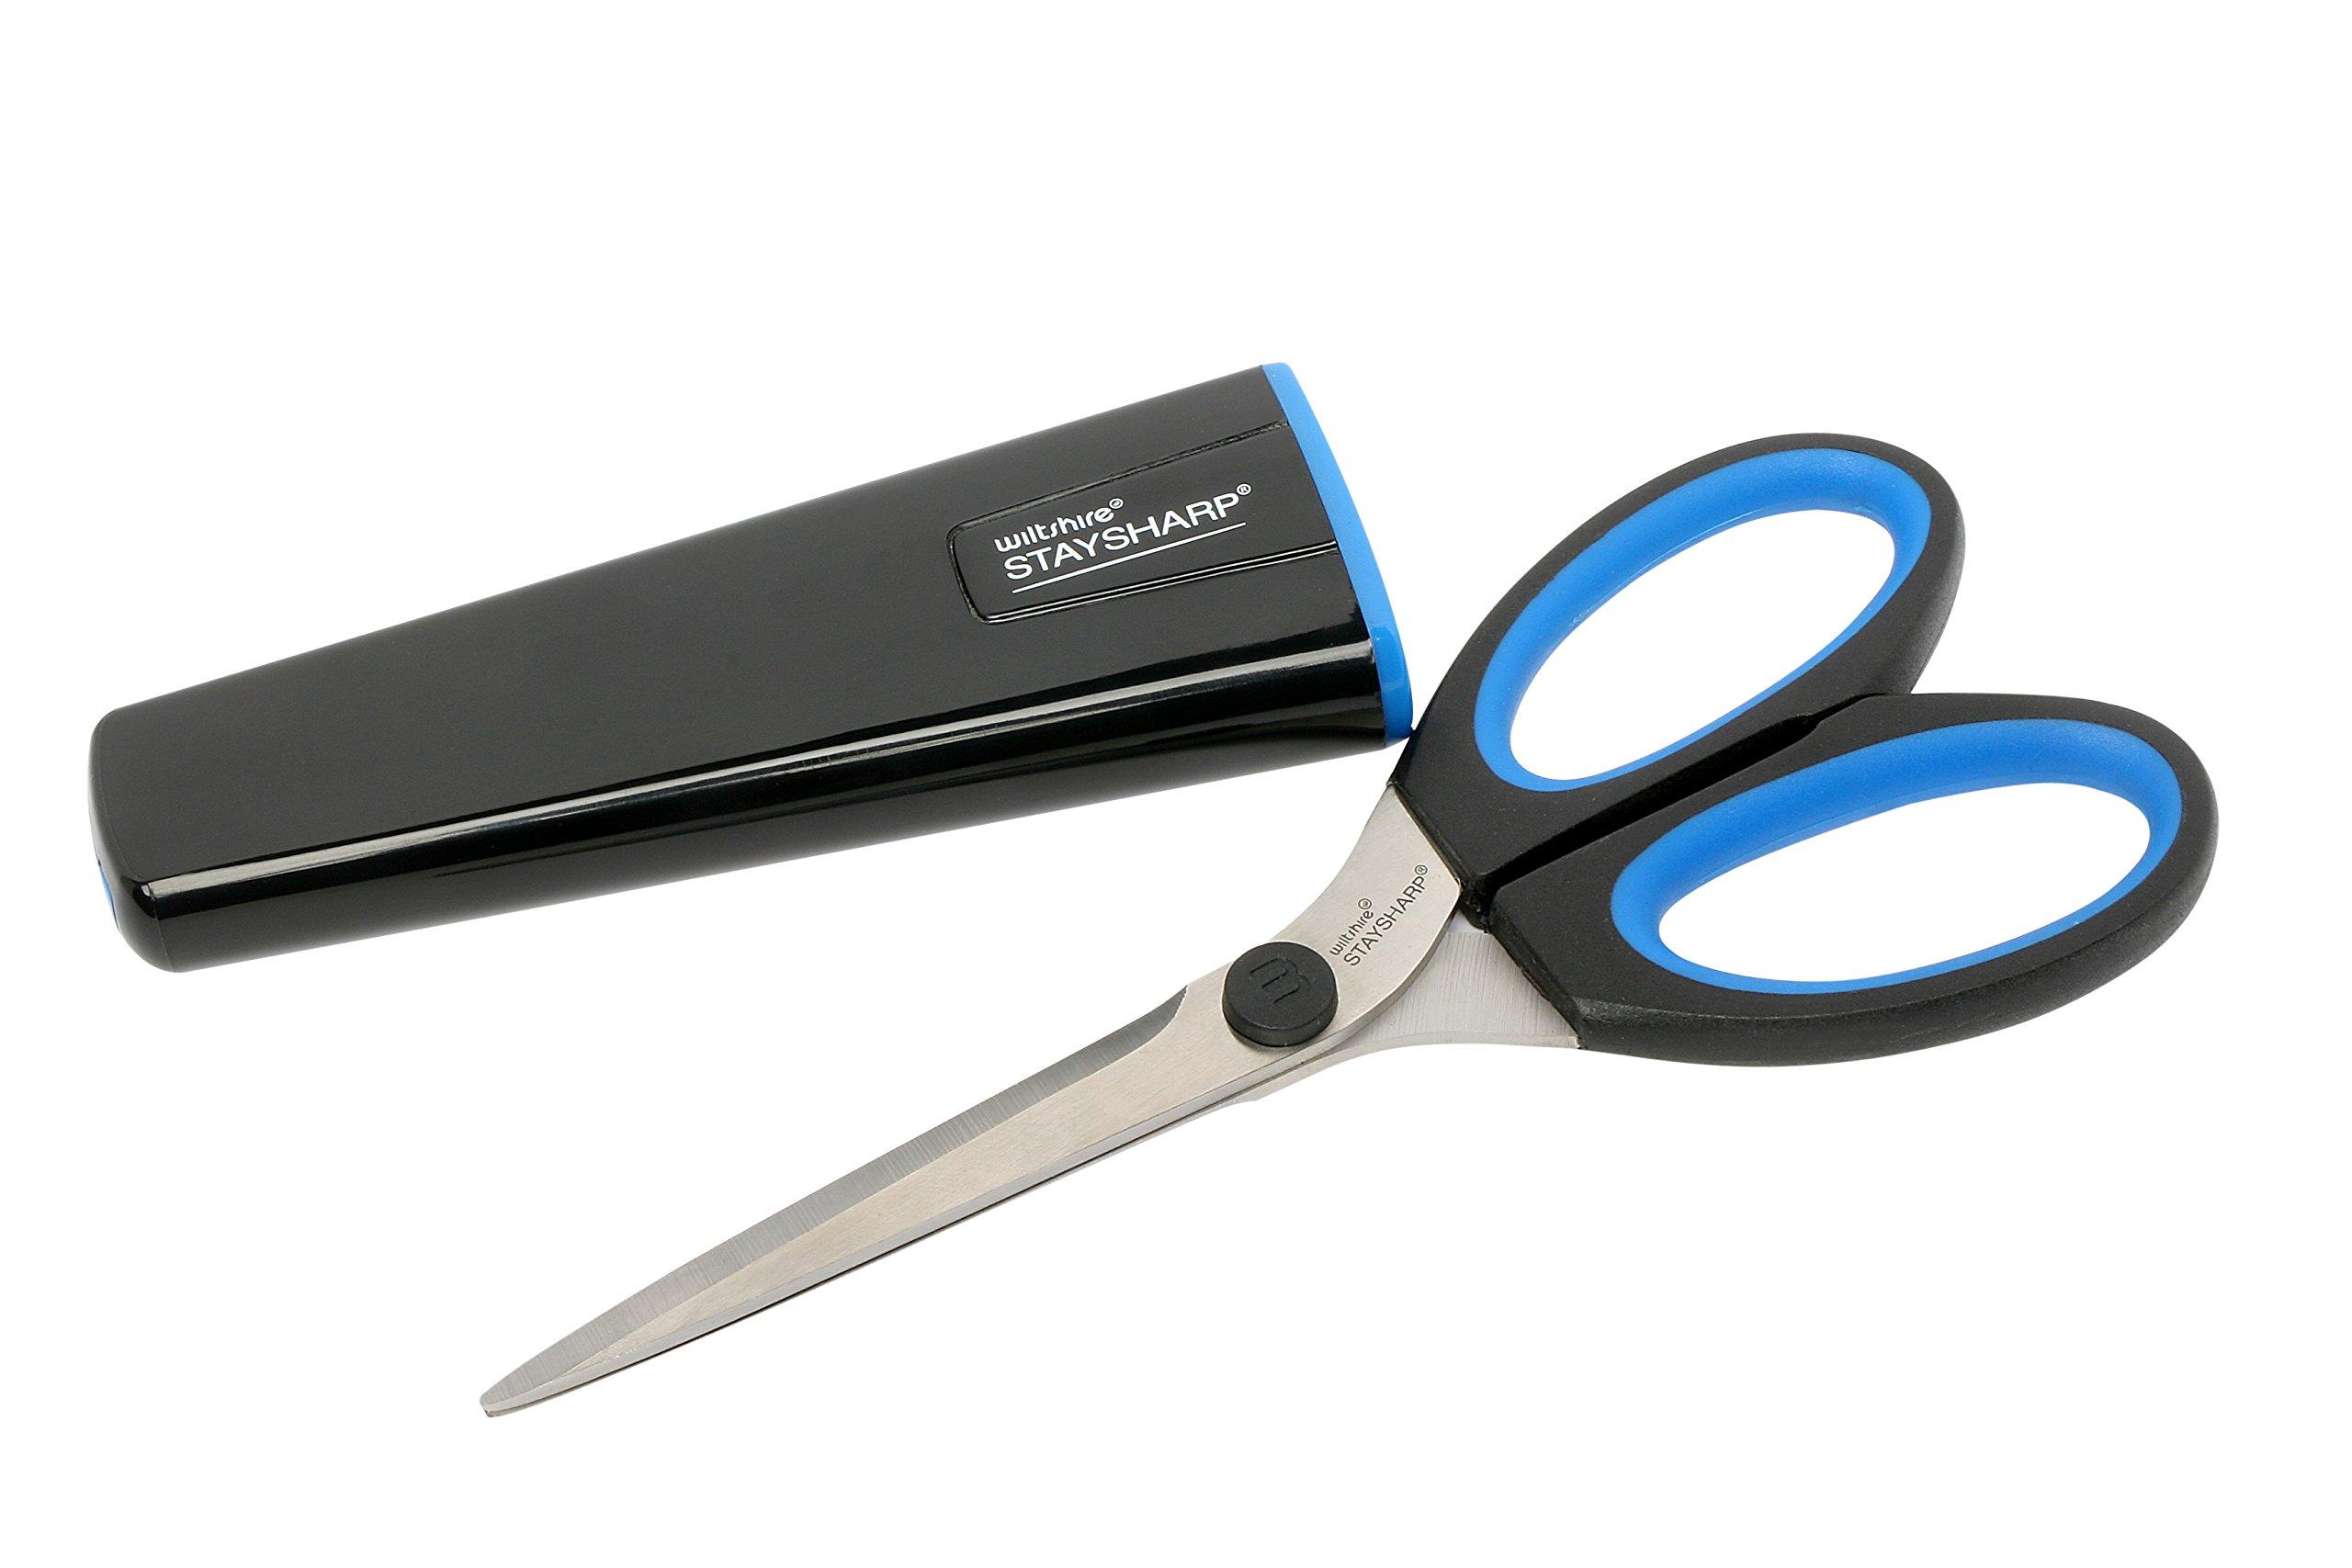 Wiltshire Kitchen Scissors with Built in Sharpener by Sonvera